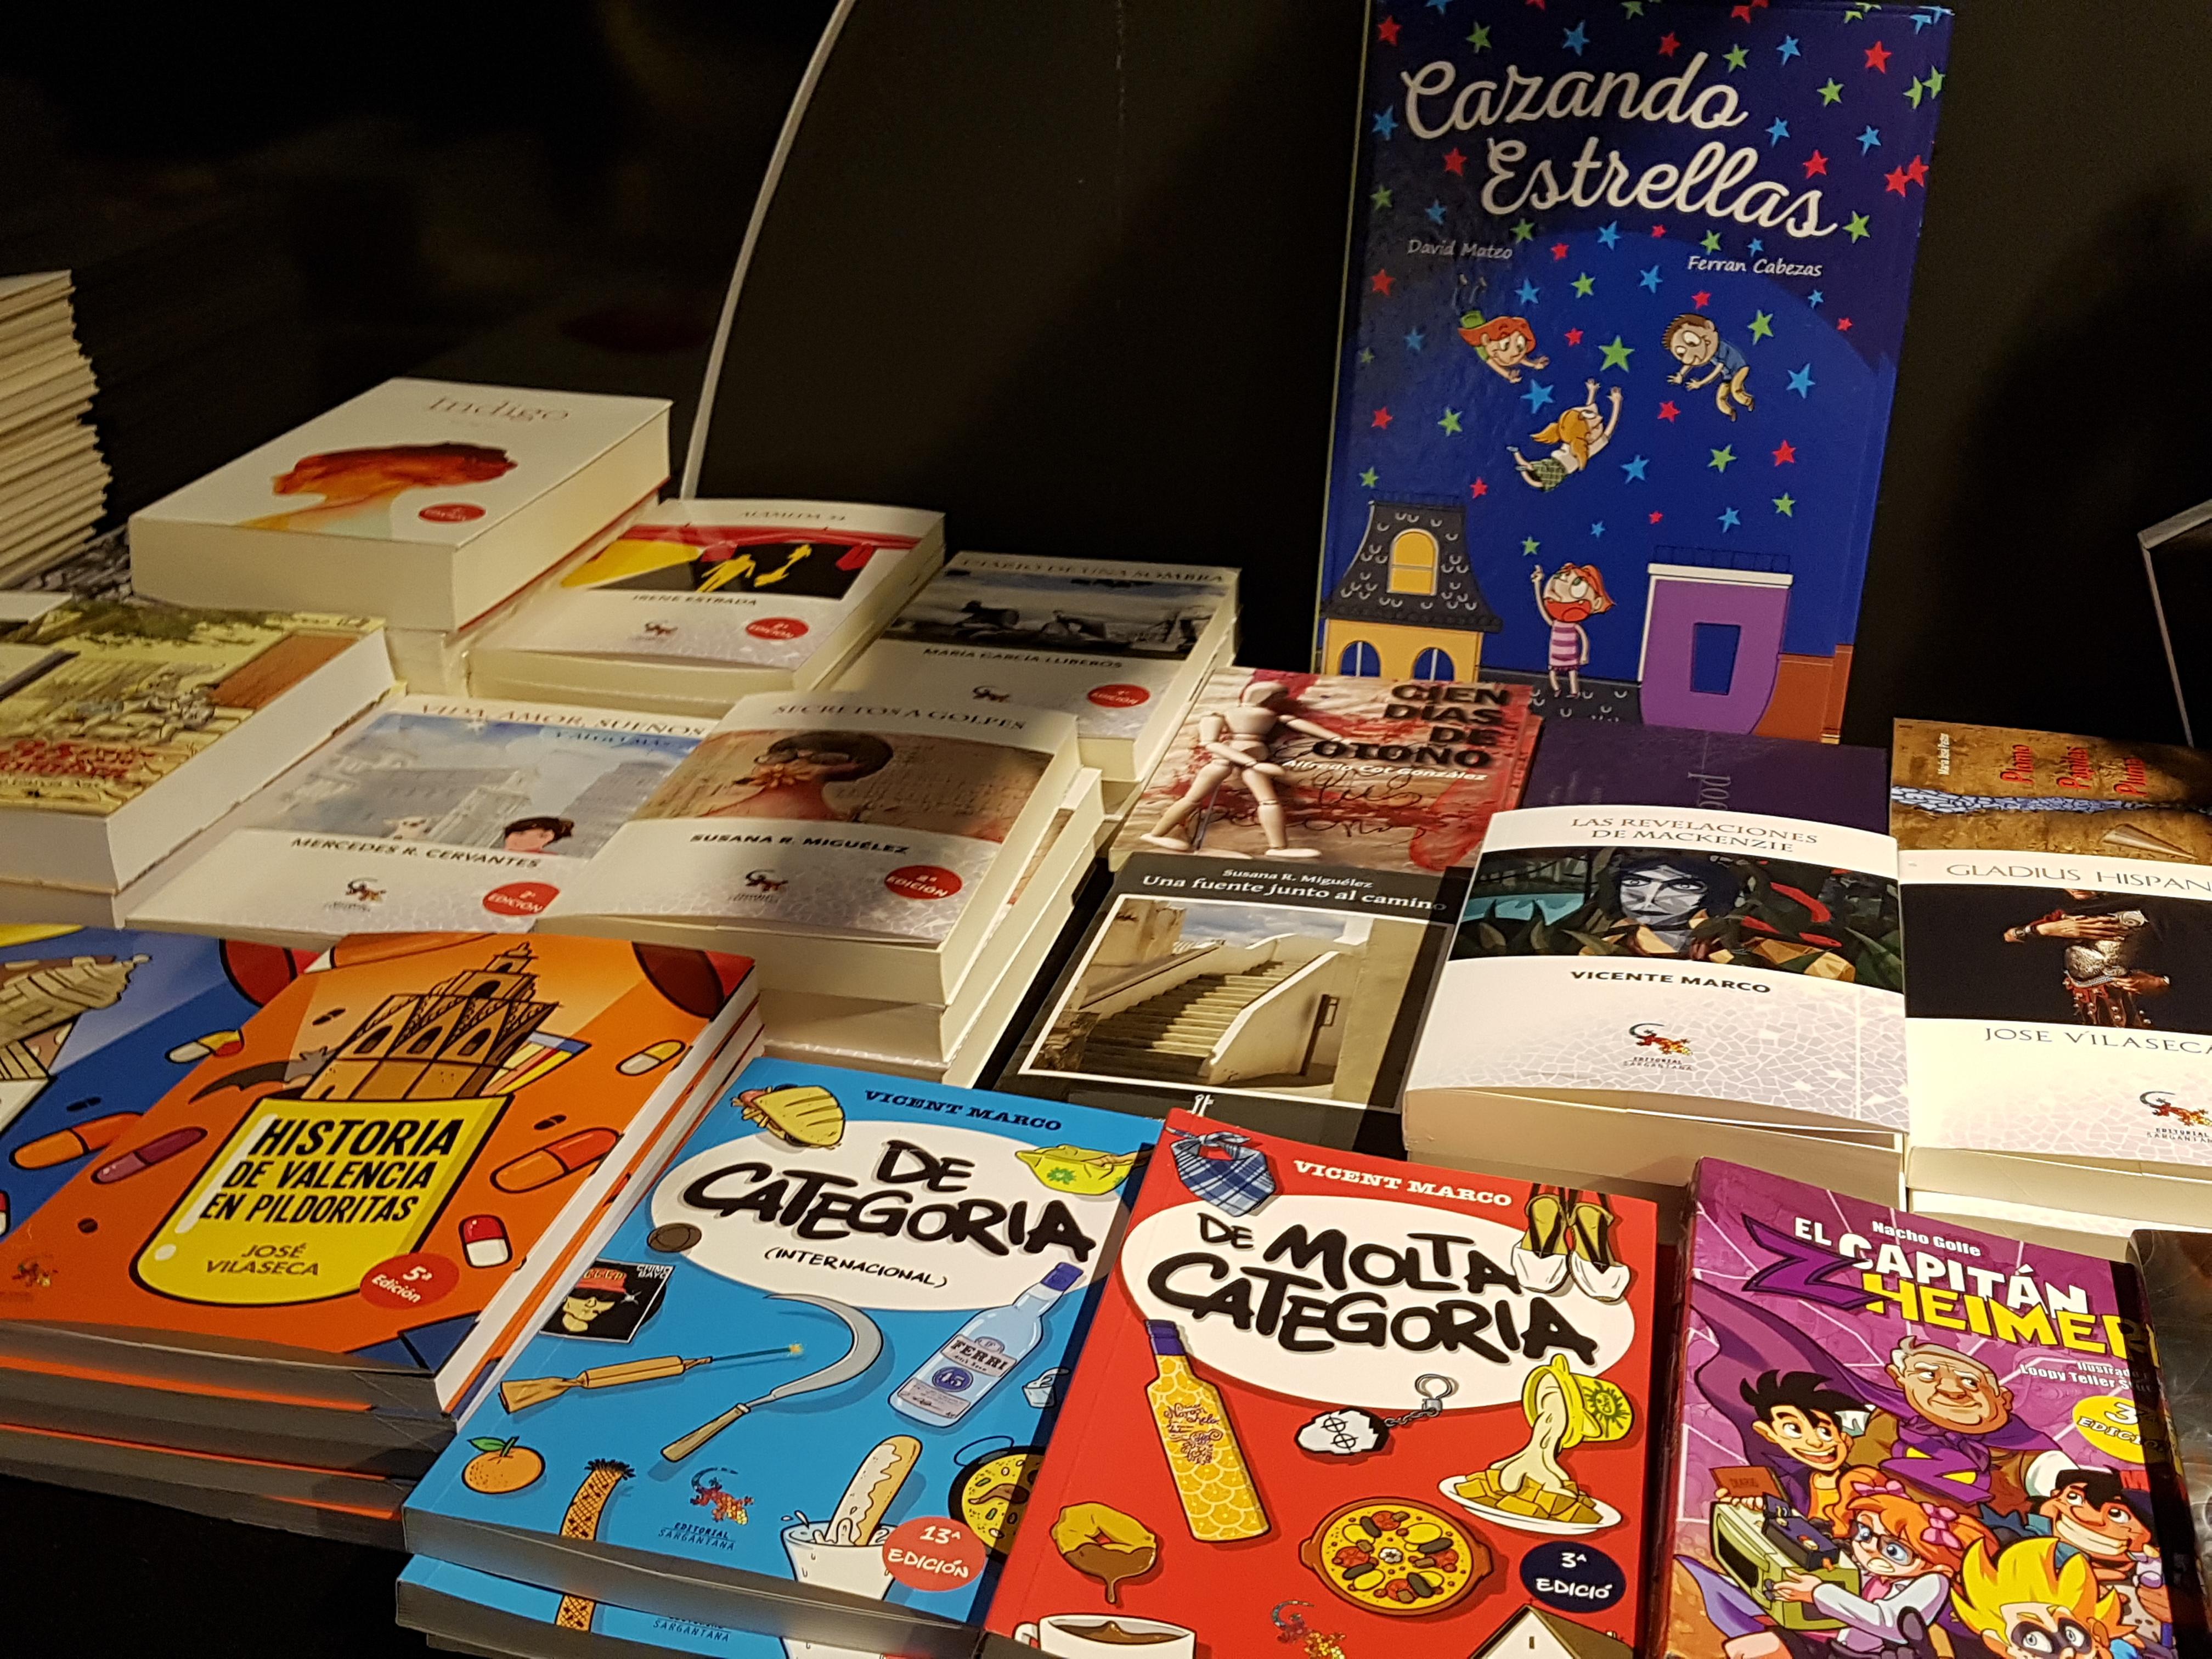 Exposición de libros a la venta sobre los autores asistentes al I Salón de Autores 360 / Foto: El desván de Alejandro